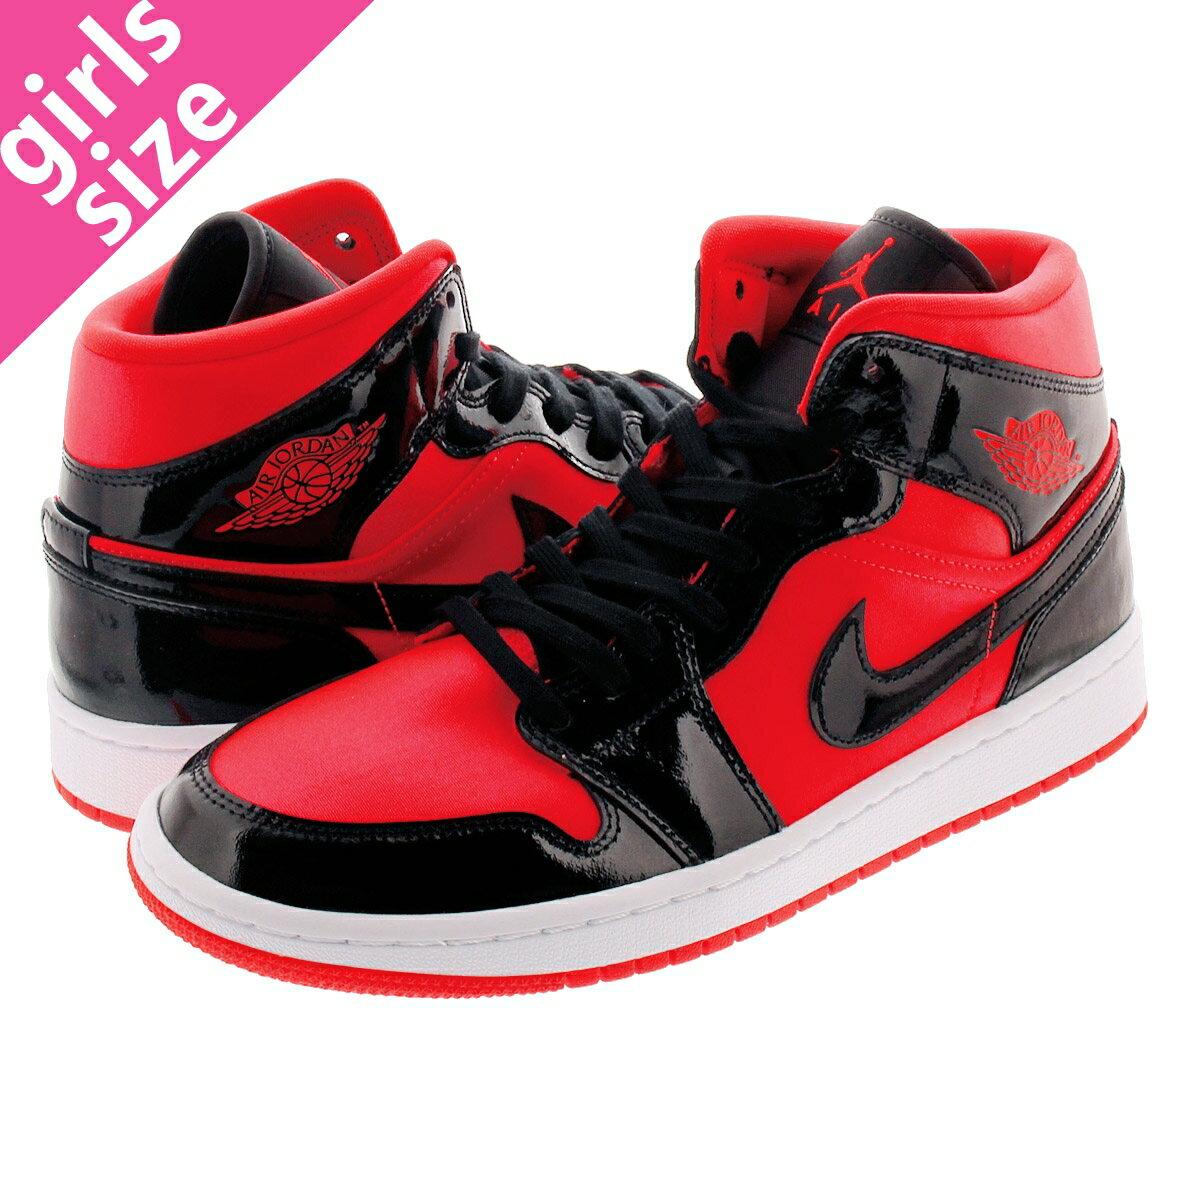 レディース靴, スニーカー NIKE WMNS AIR JORDAN 1 MID 1 HOT PUNCHBLACK bq6472-600